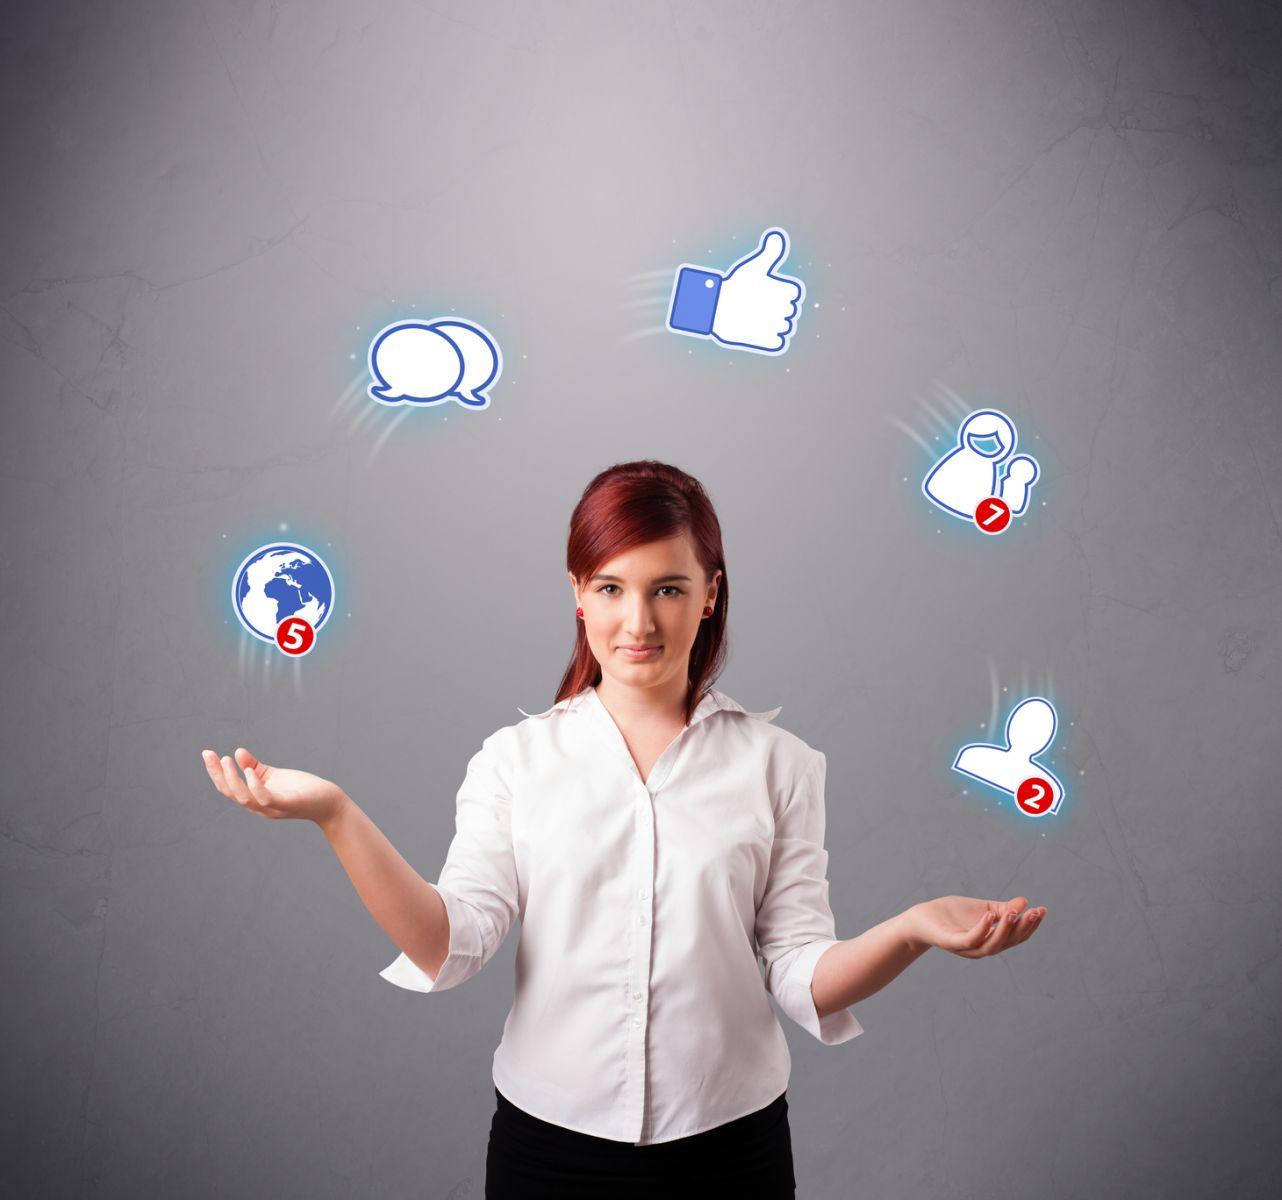 Как узнать характер человека по странице в Фейсбук - фото №1